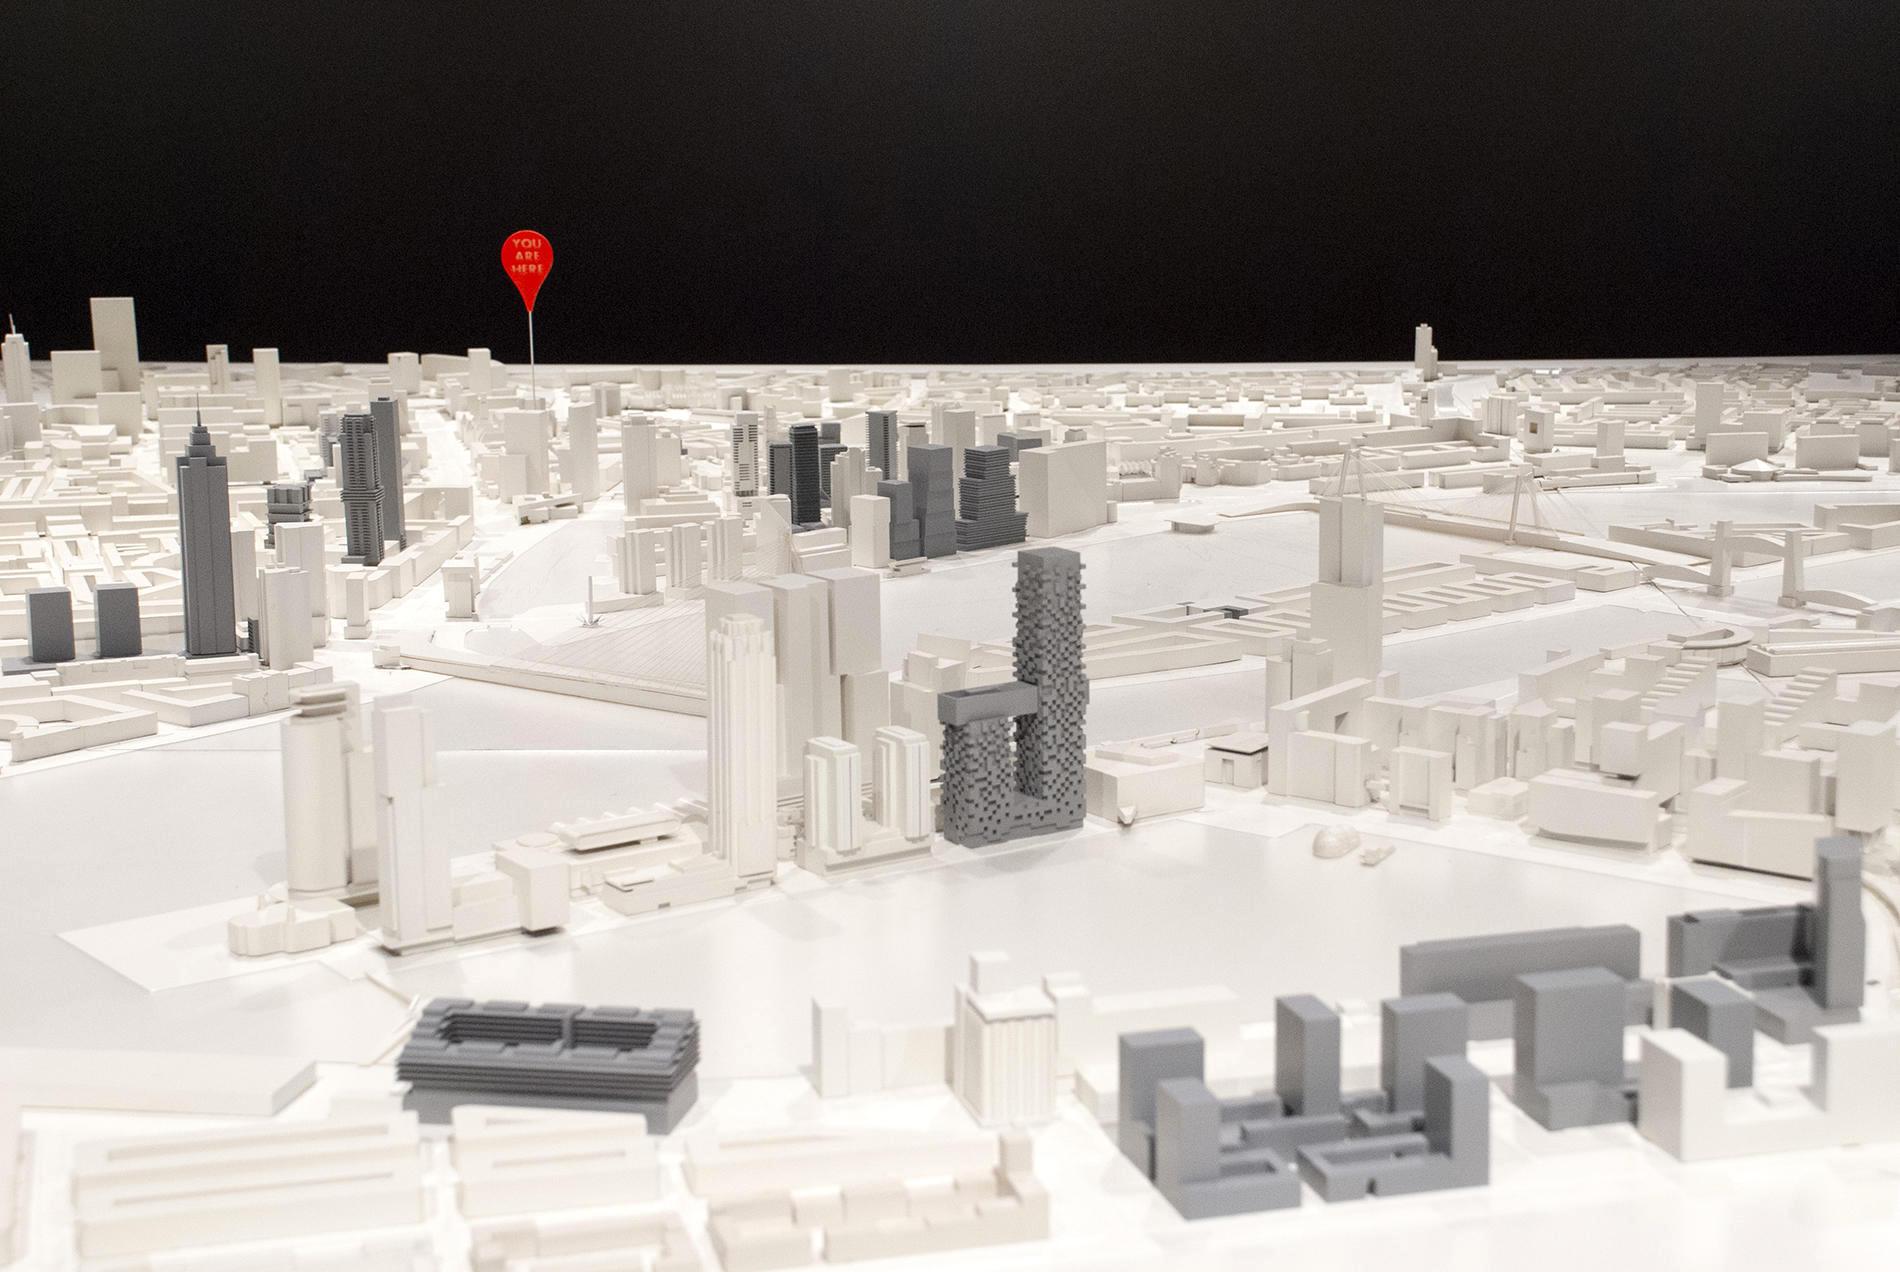 """Rotterdam. Das Modell der Stadt Rotterdam: die grauen Gebäude stehen für noch nicht realisierte Bauprojekte. Mittig zu sehen: """"Das Saxophon"""", ein weiterer Entwurf des renommierten Architekturbüros MVRDV für ihre Heimatstadt."""